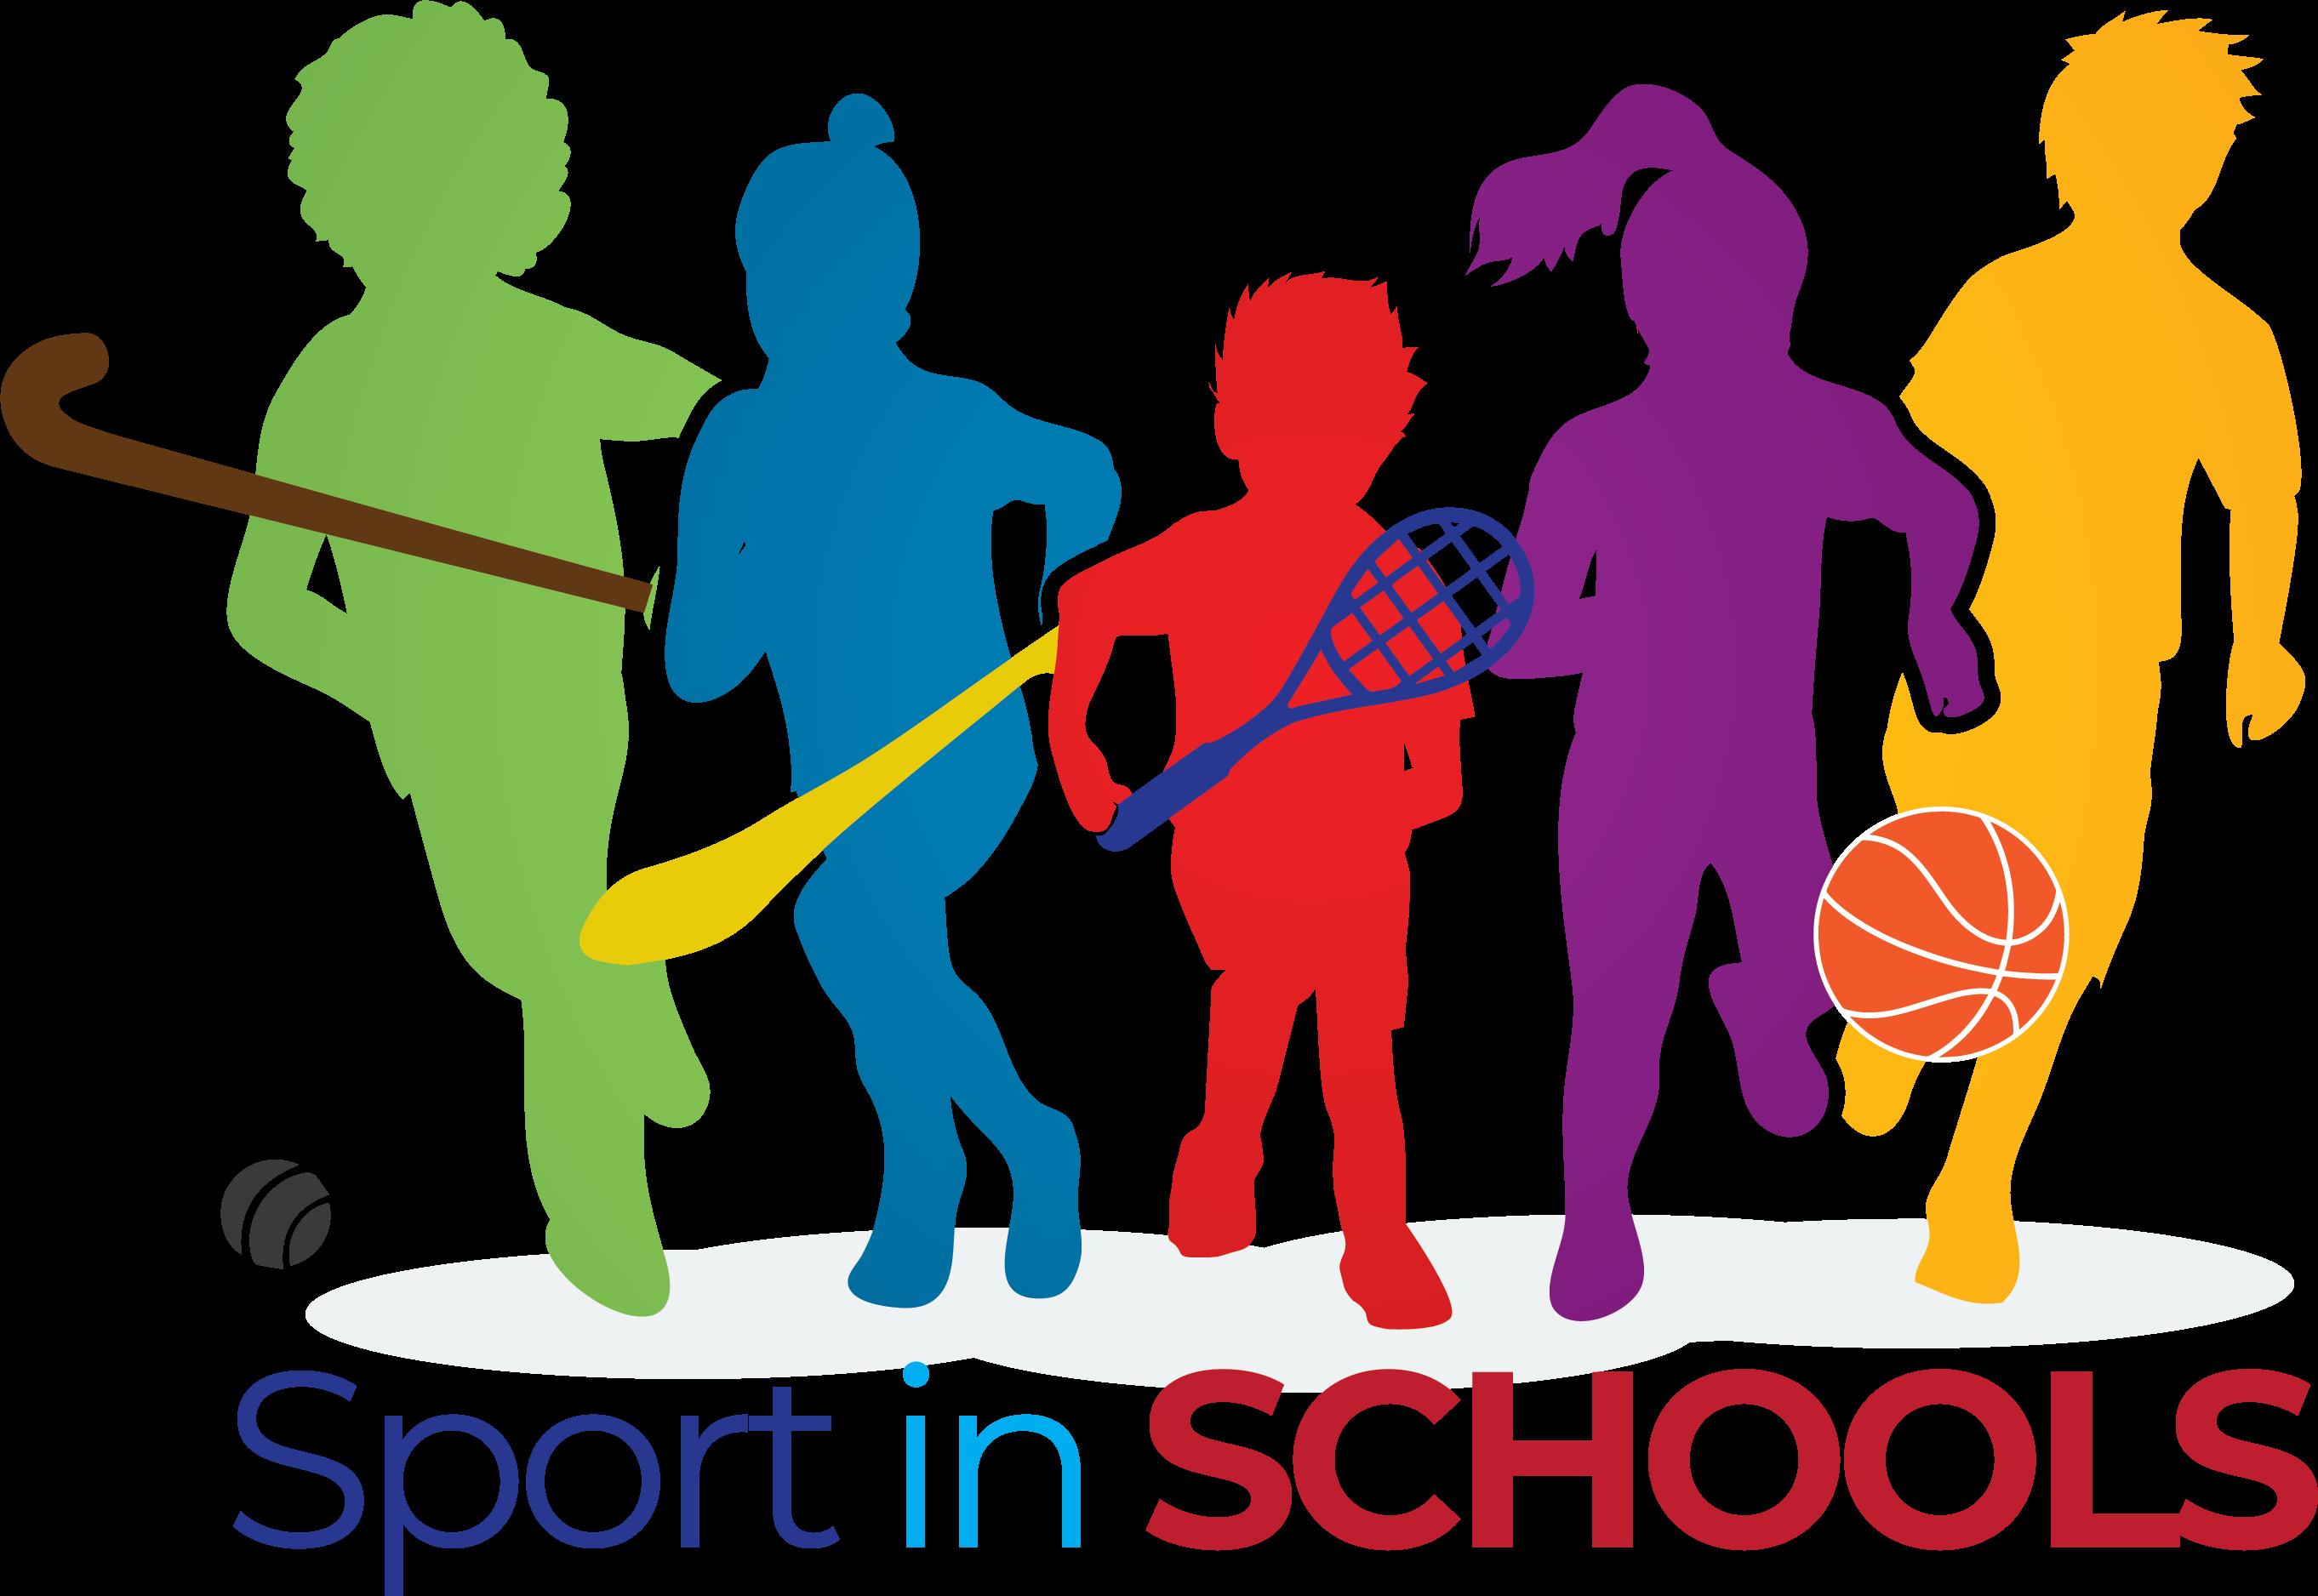 Sport in Schools